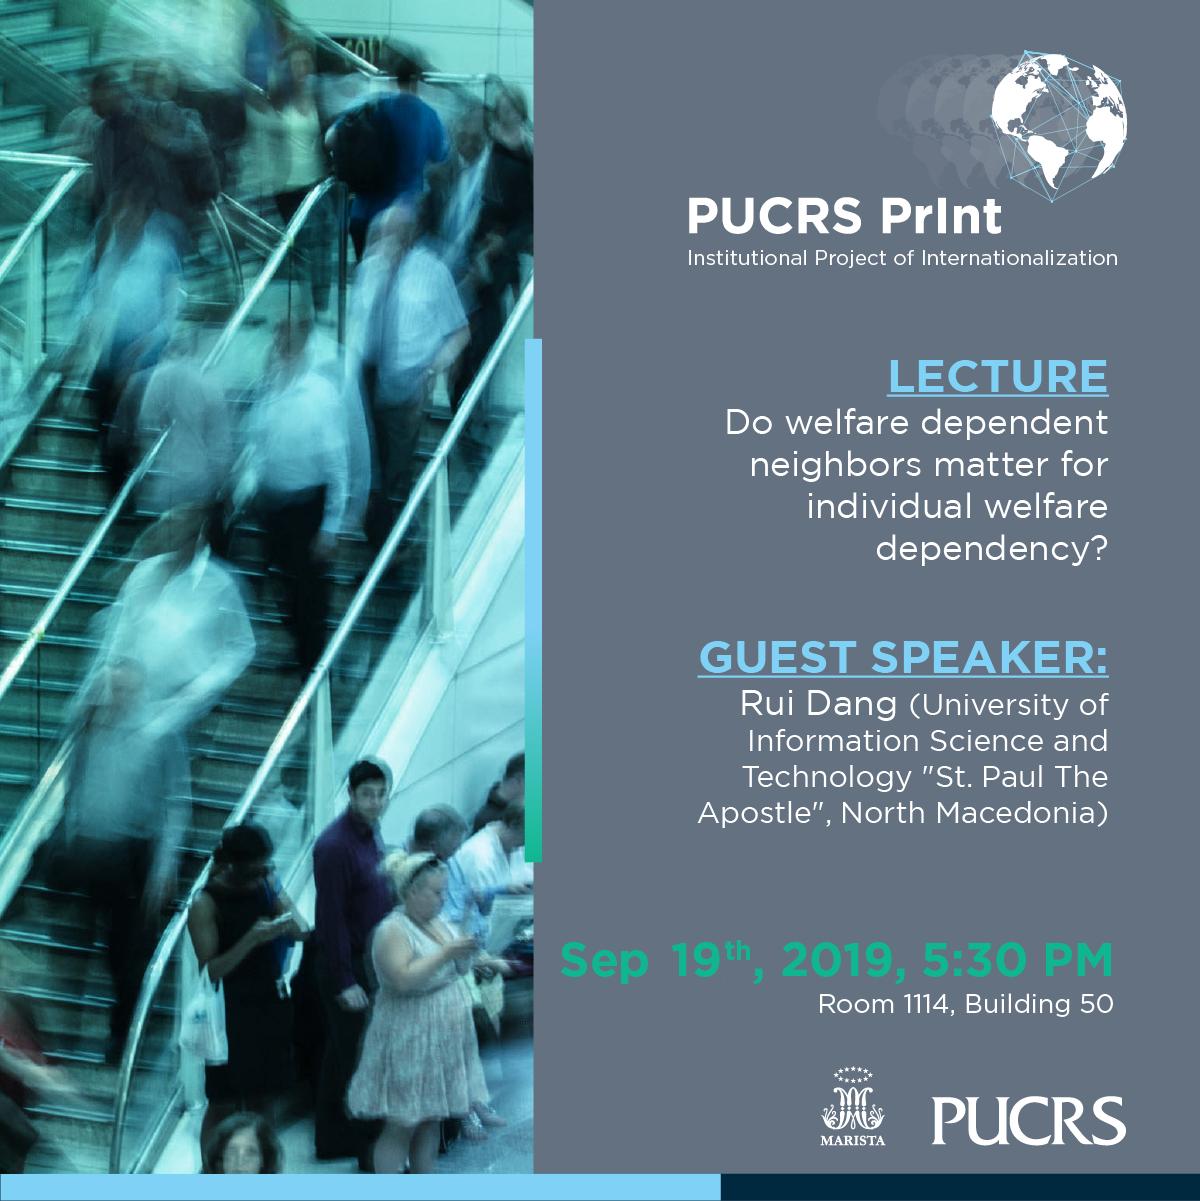 pucrs_print,palestra,Rui Dang